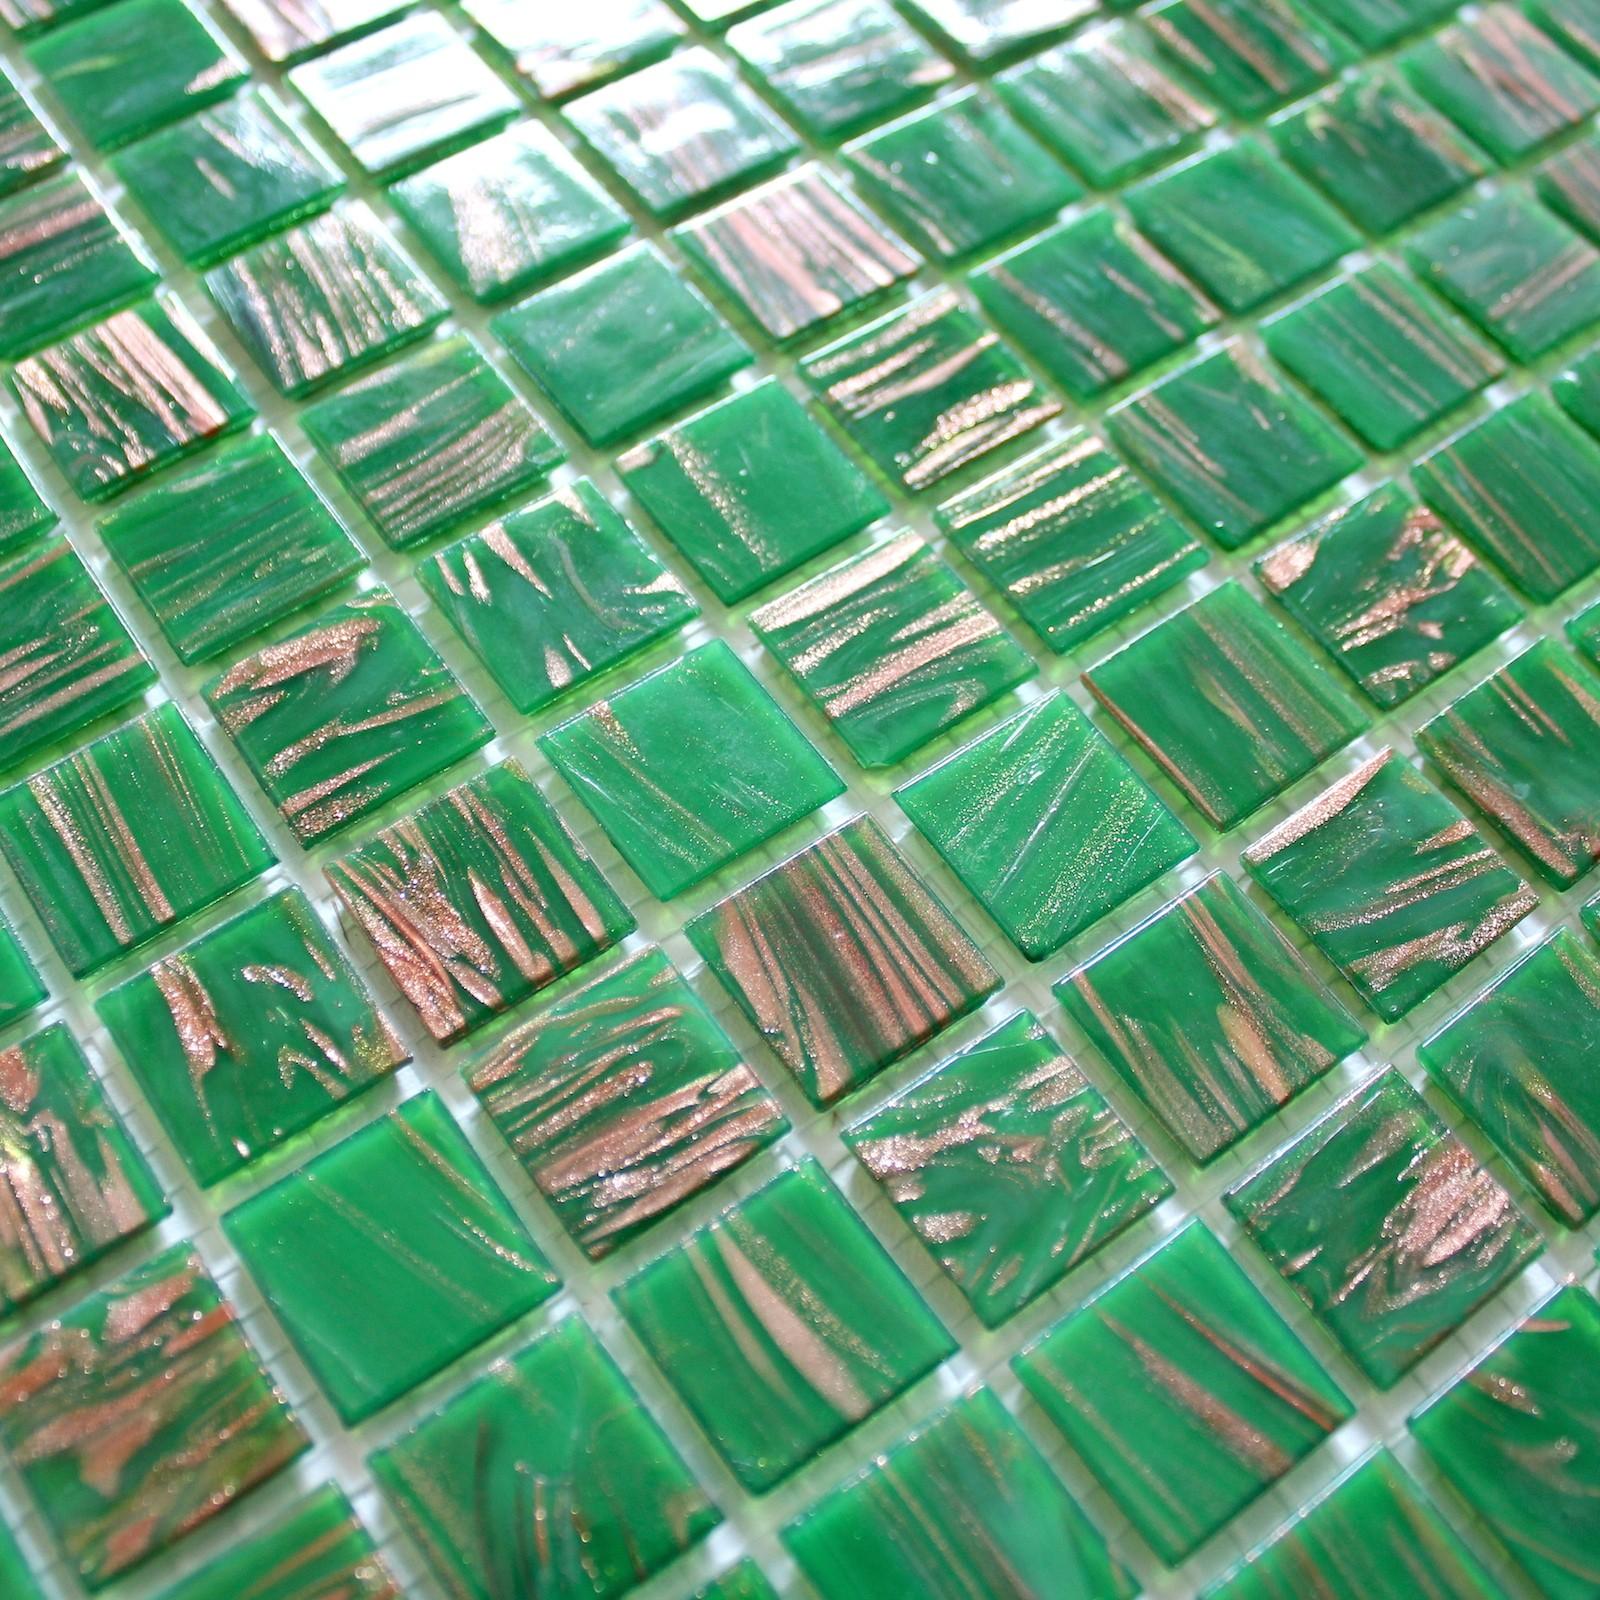 mosaique pate de verre piscine hammam vitro-vert-1m2 - carrelage